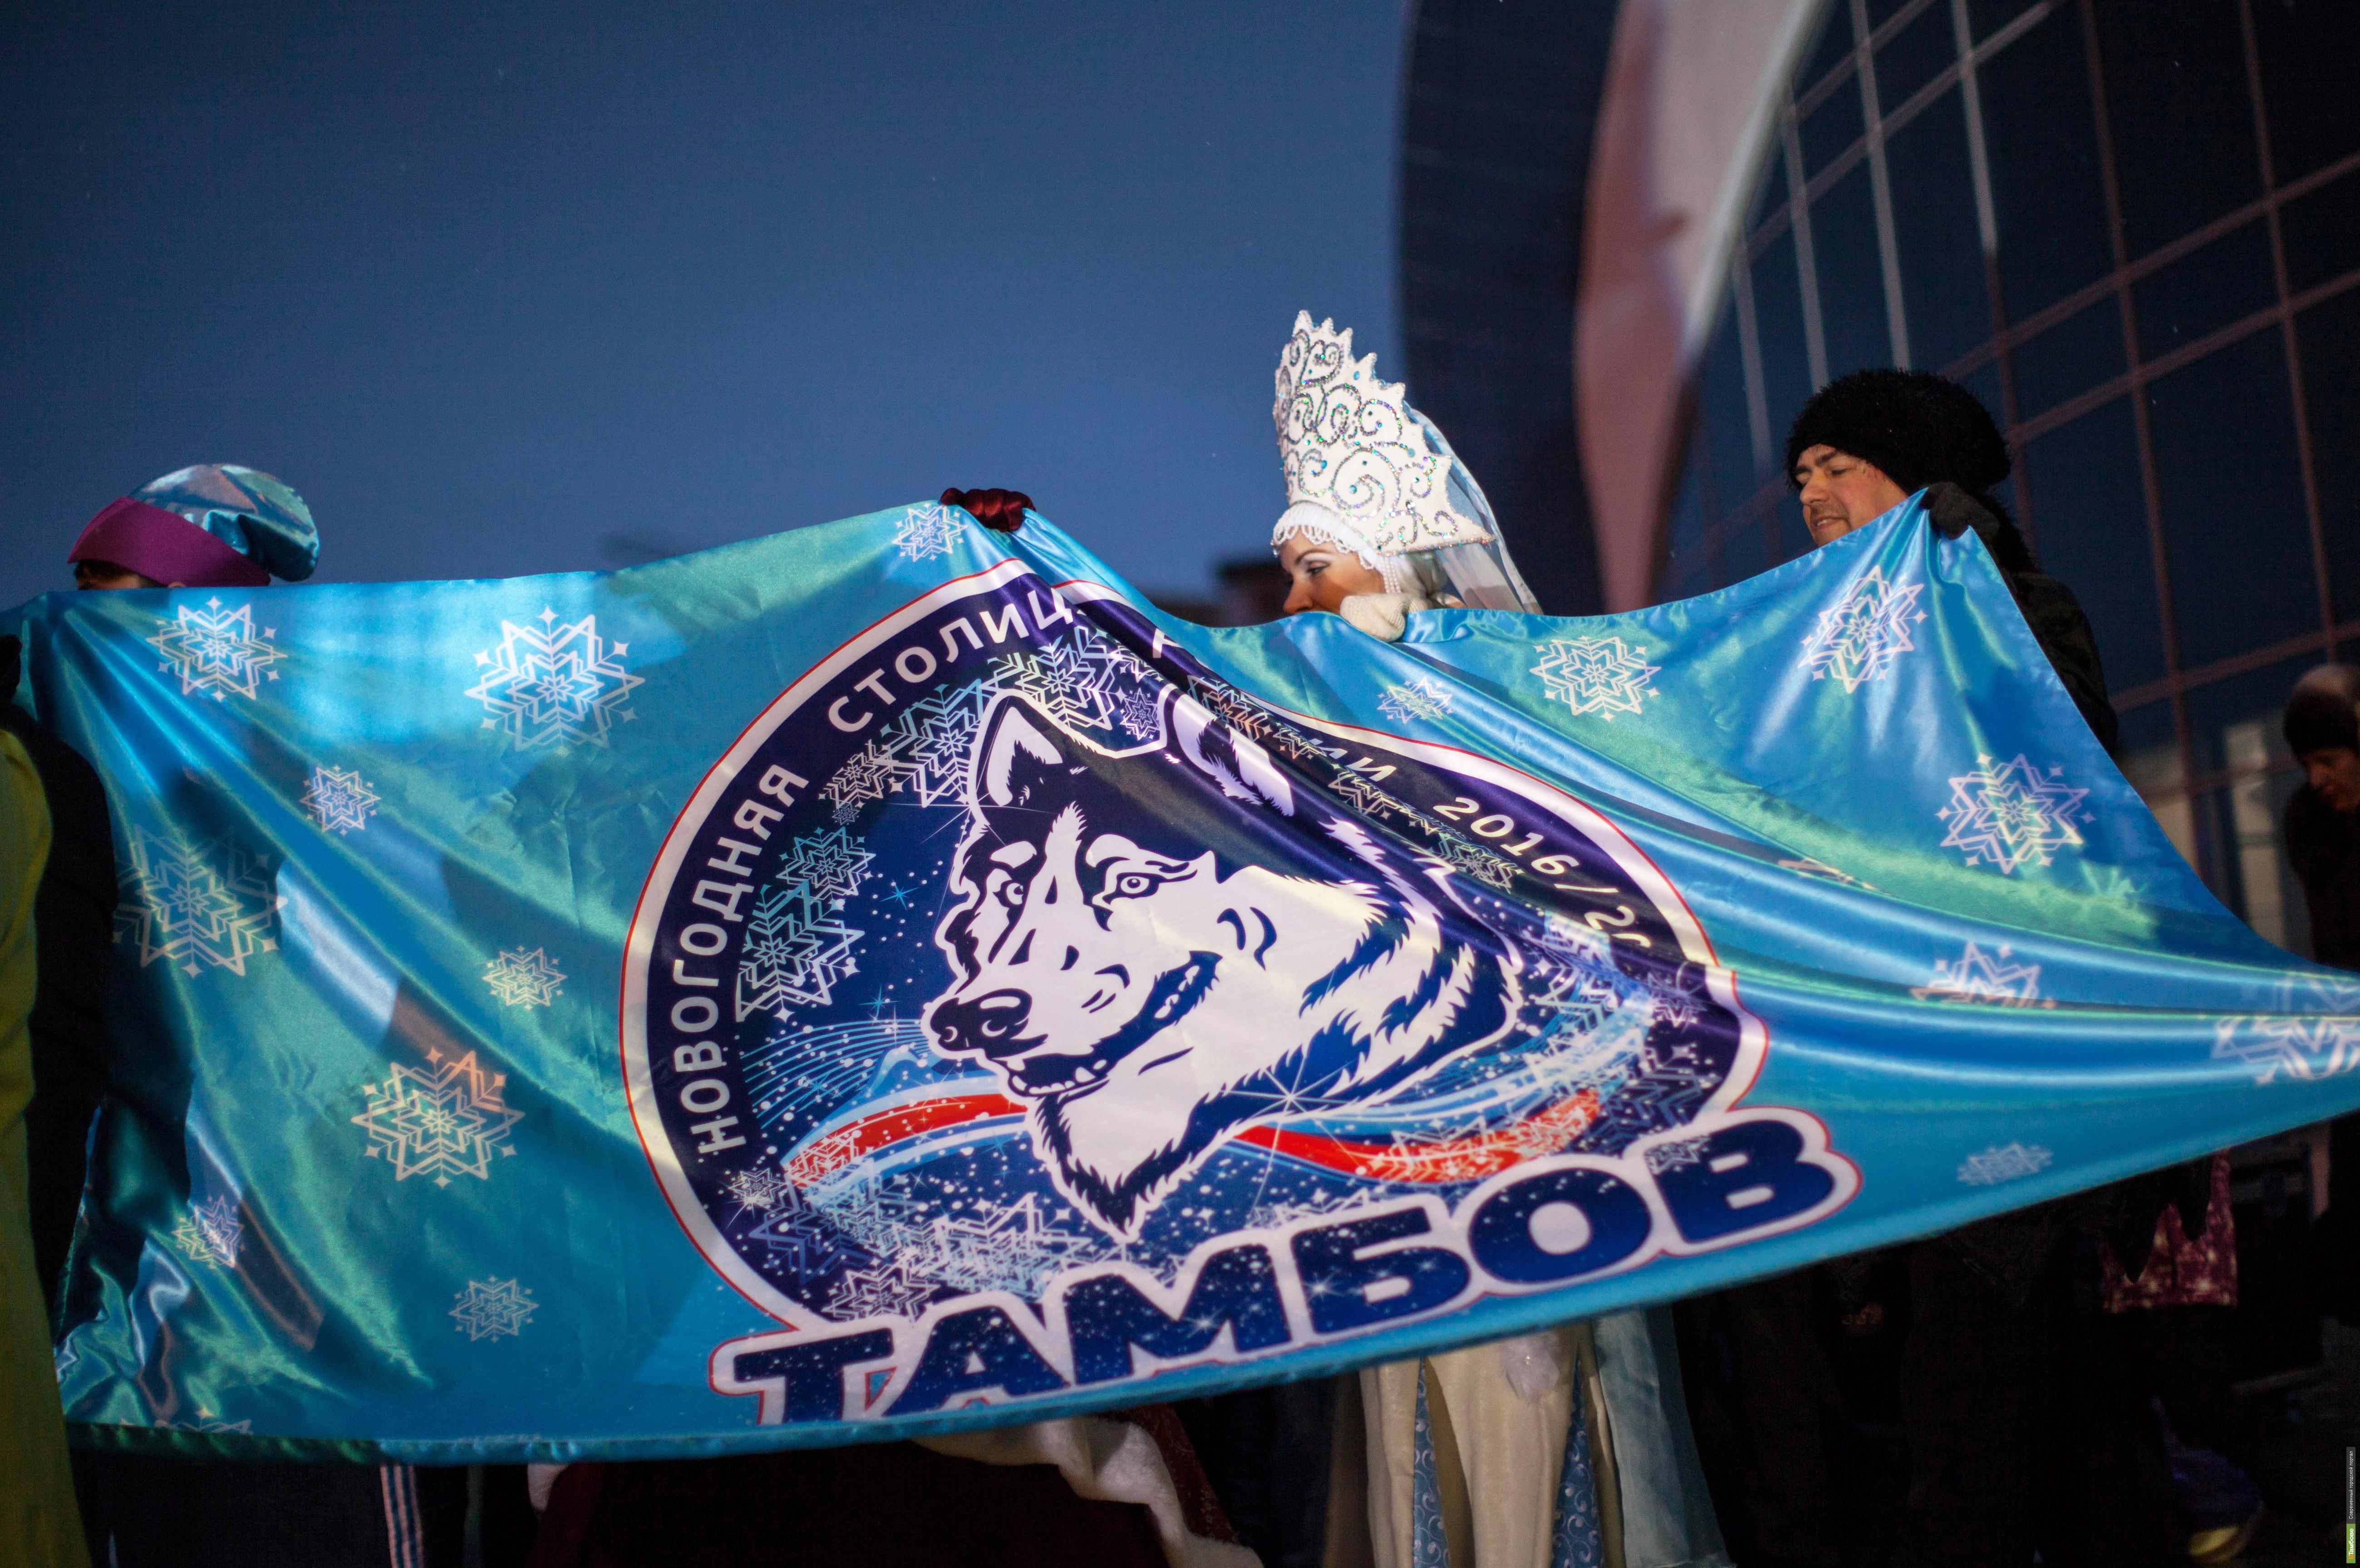 Тамбов официально вступил вправа Новогодней столицы Российской Федерации